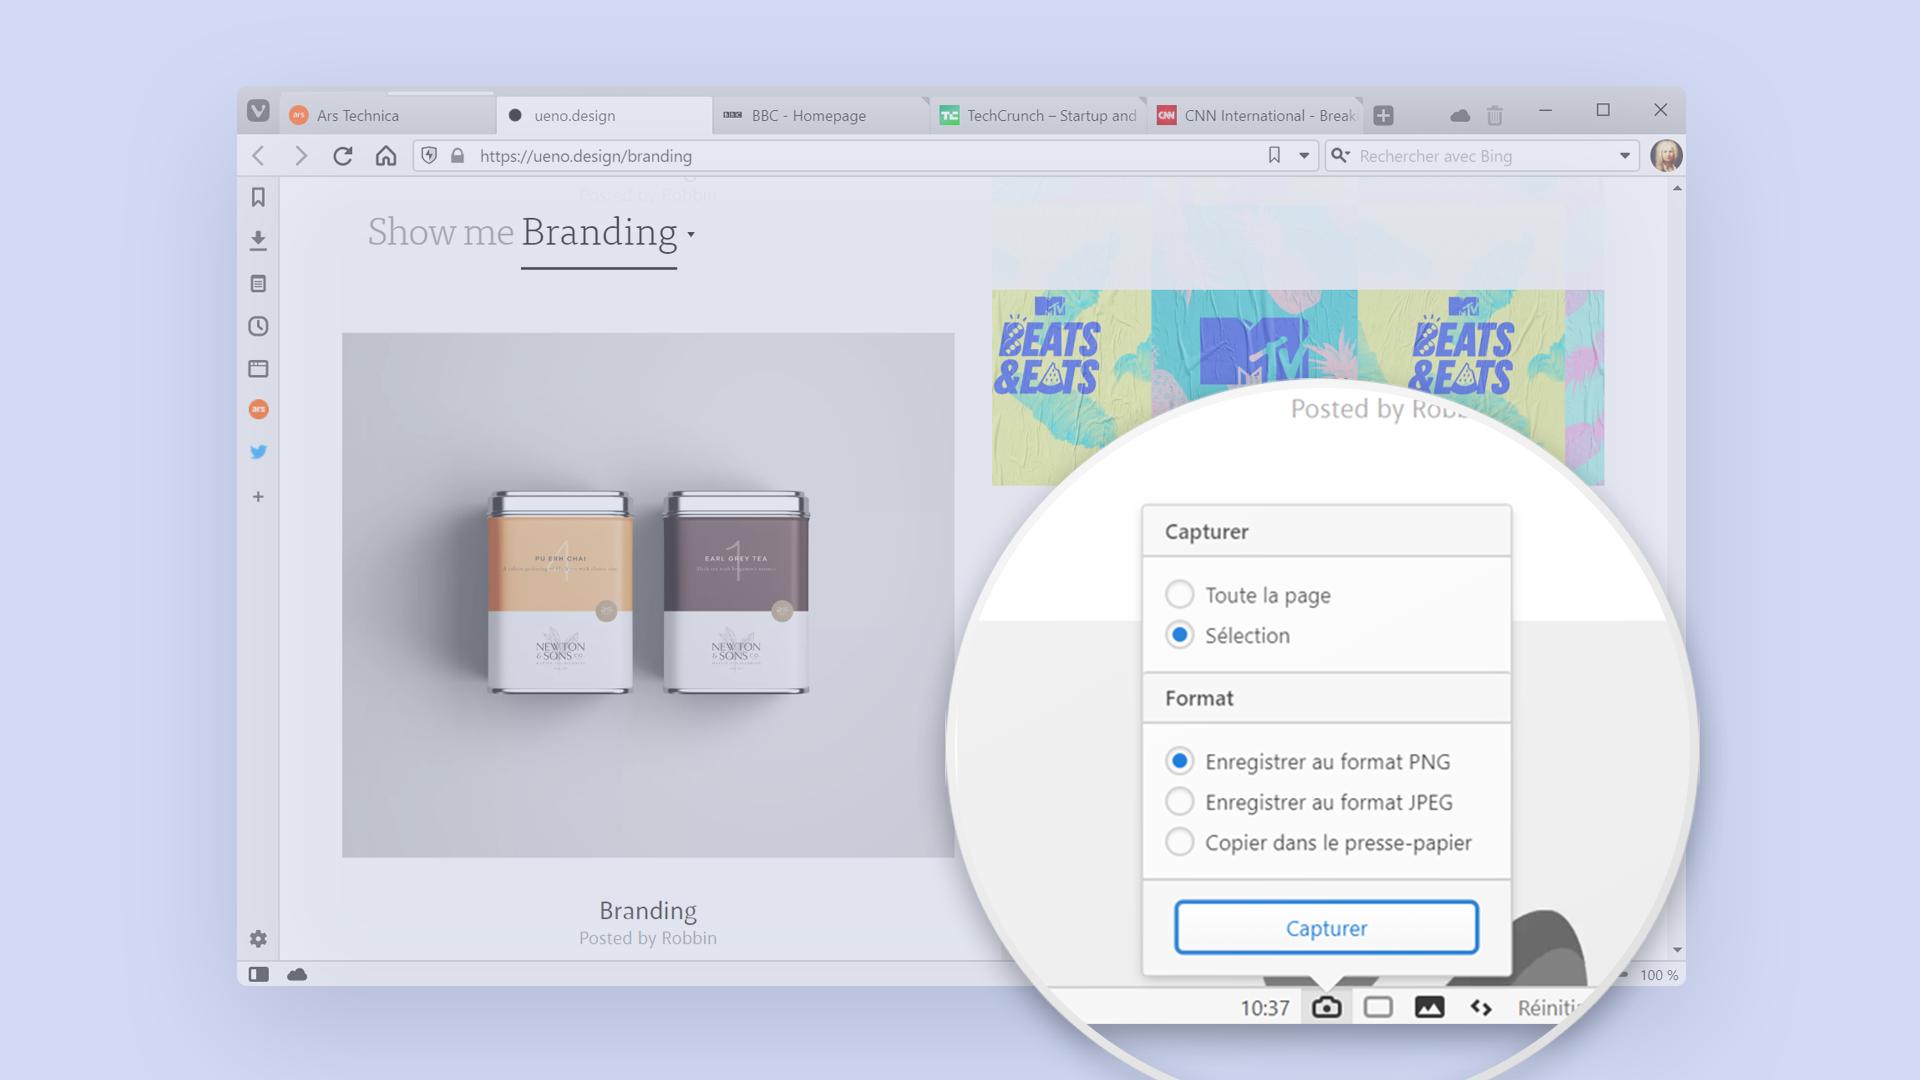 Illustration montrant comment prendre une capture d'écran avec le navigateur Vivaldi